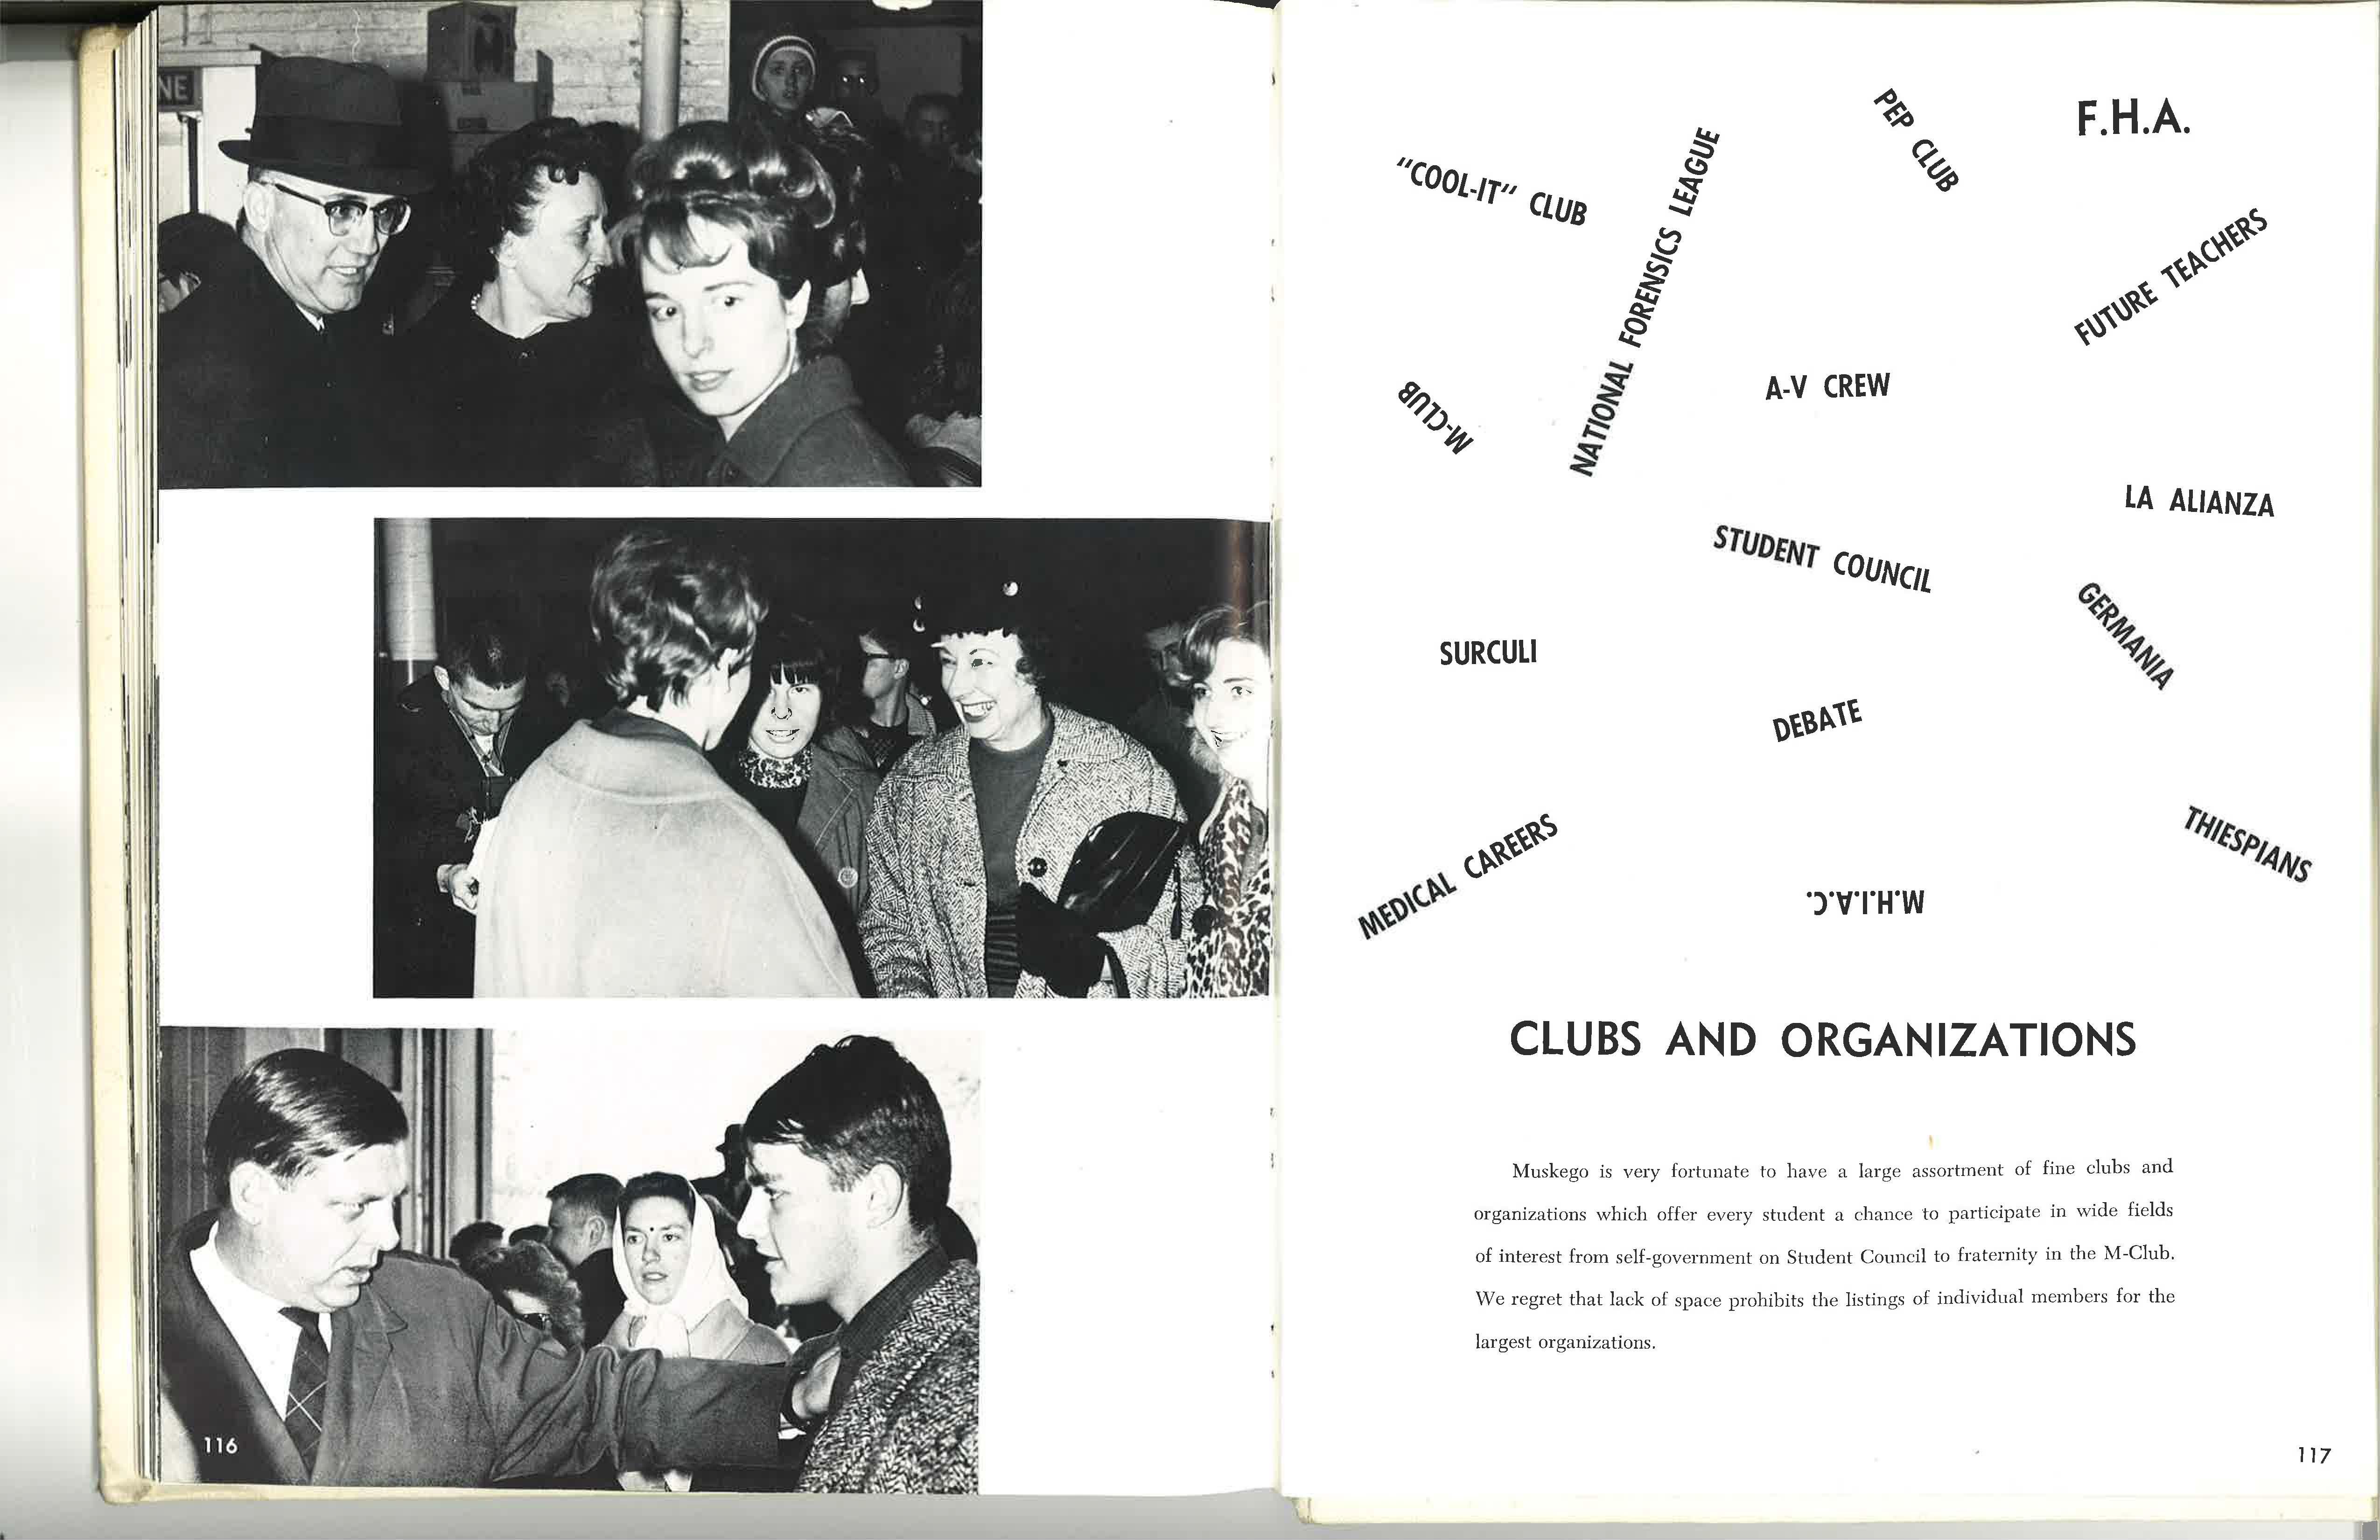 1964_Yearbook_Clubs_116-117.jpg